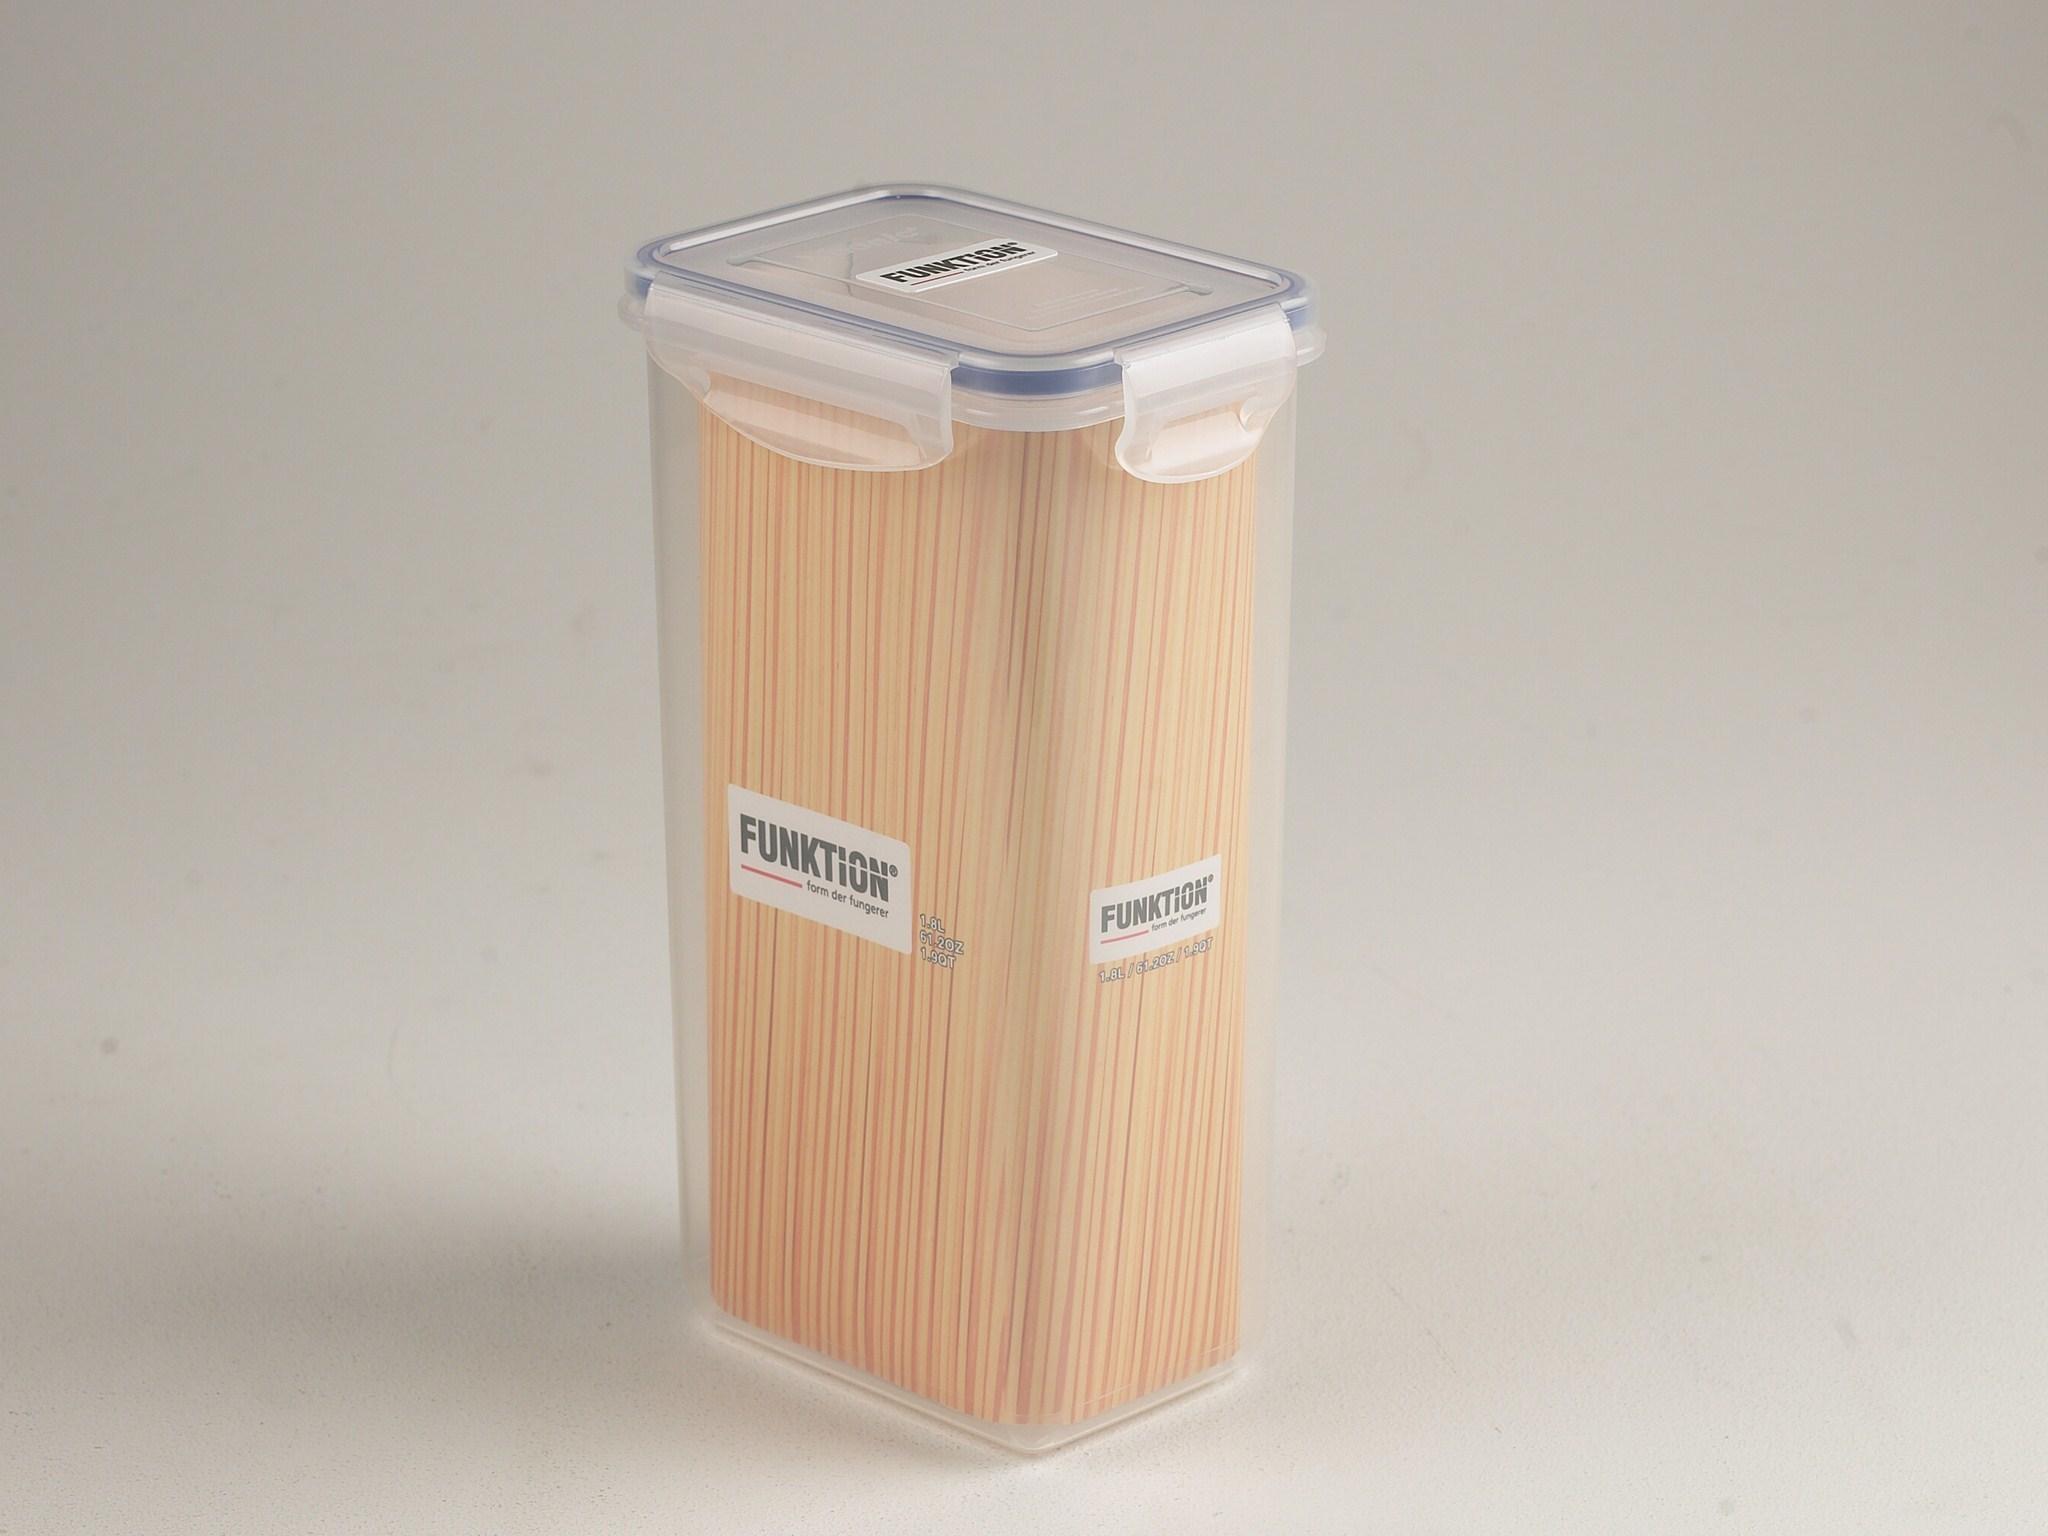 Picture of: Funktion Rektangulaer Opbevaring Plastik 1 8 Liter Madopbevaring Hjem Dk